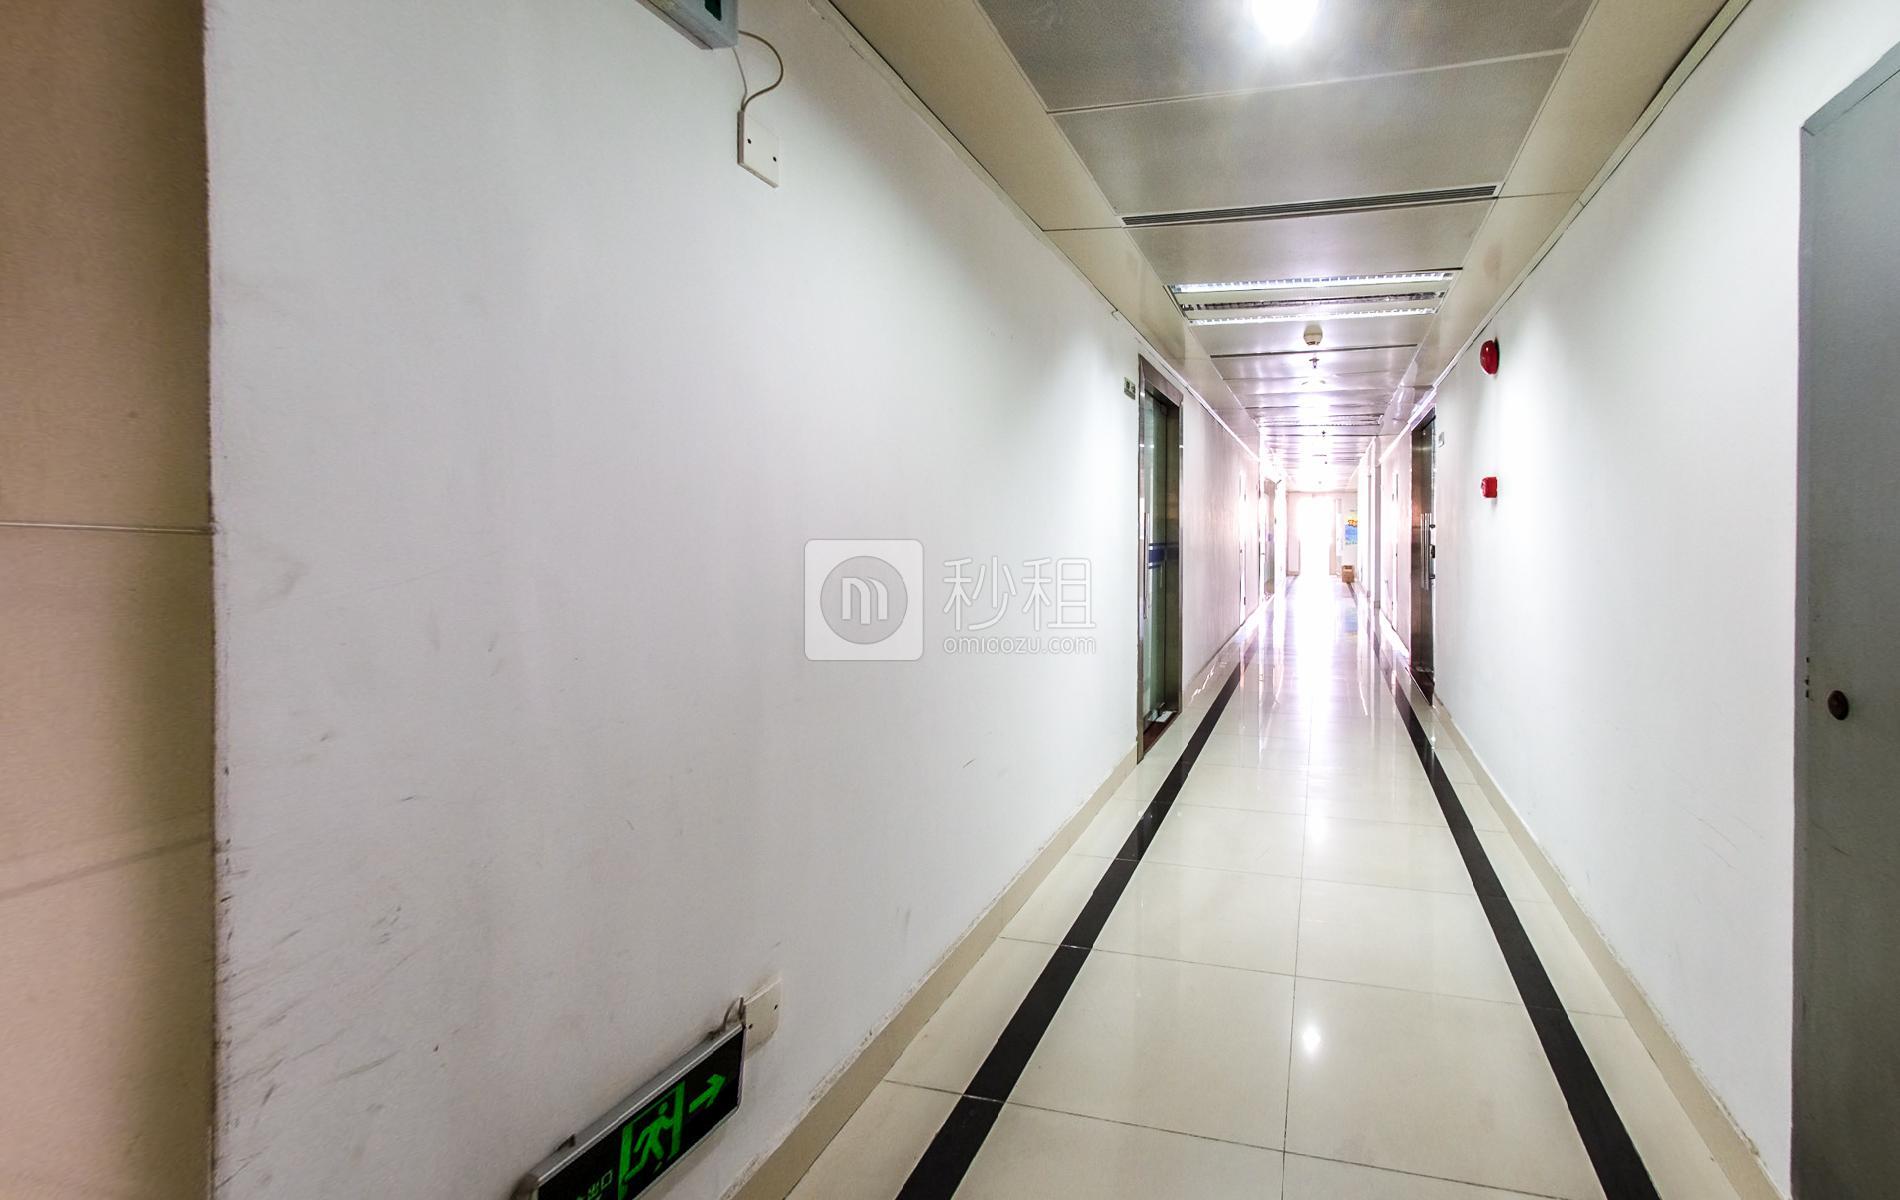 诺铂广场写字楼出租/招租/租赁,诺铂广场办公室出租/招租/租赁